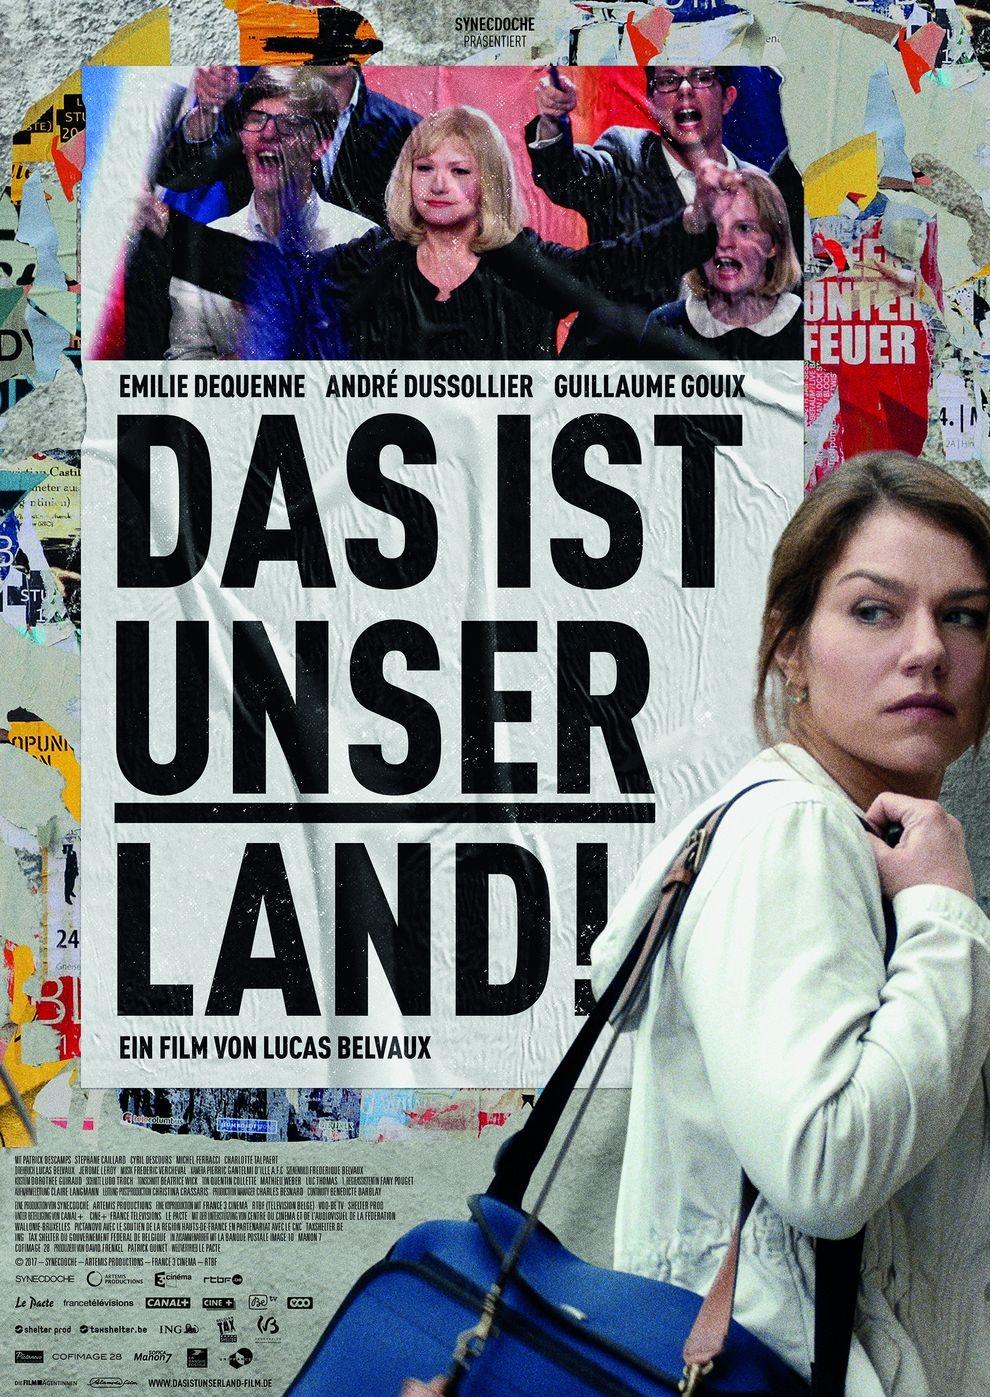 Das ist unser Land! (Poster)